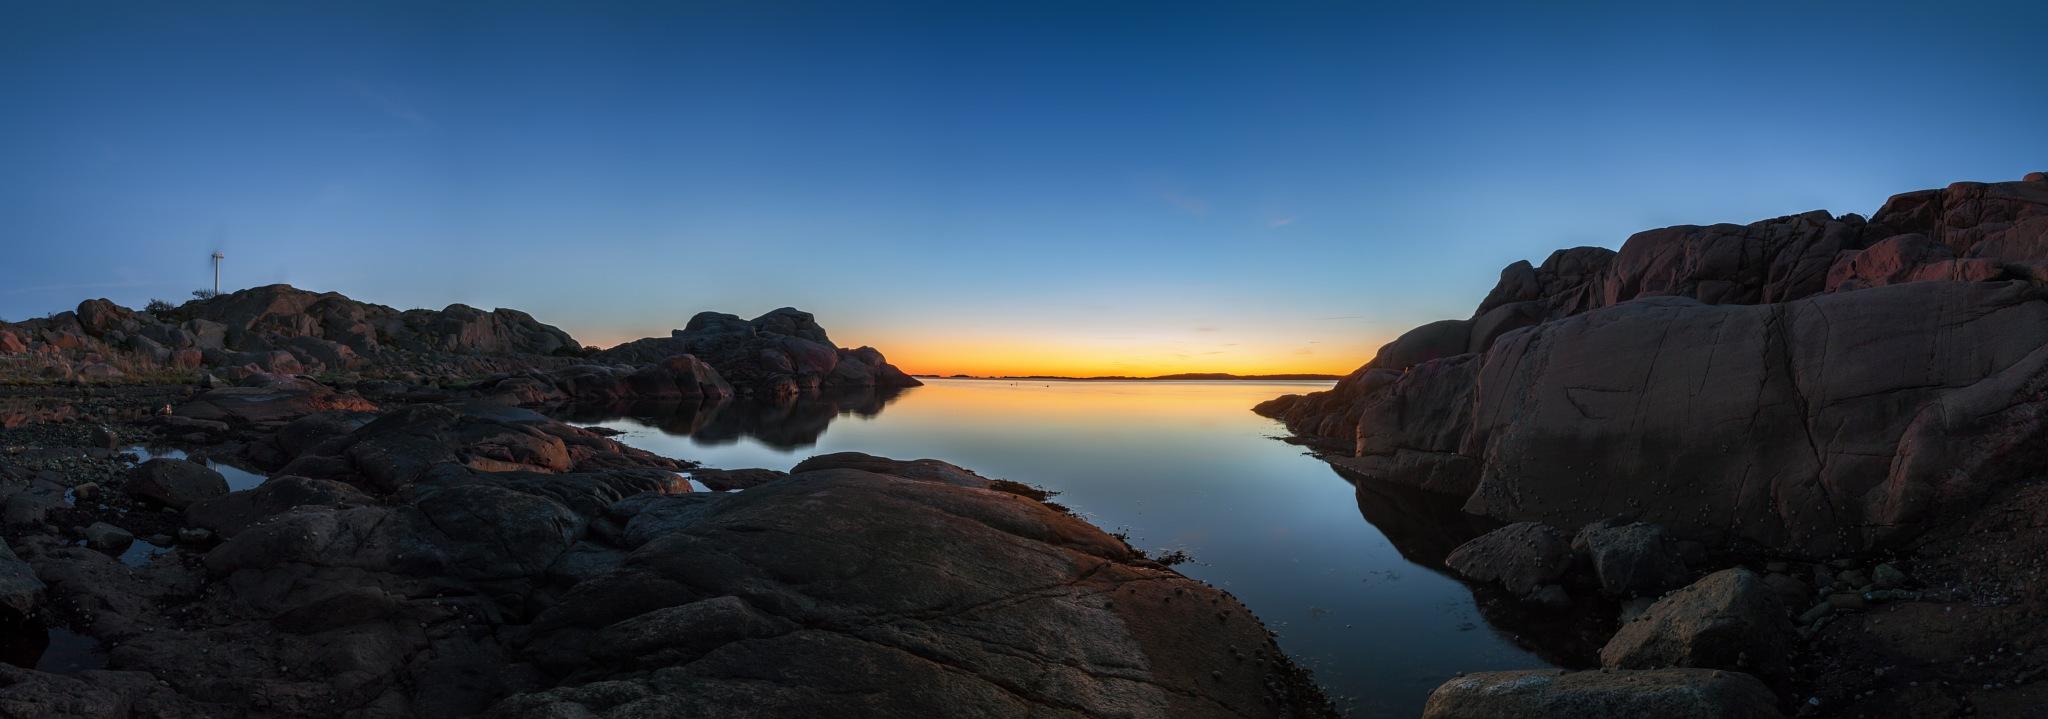 Calm sunset by Pär Ohlson